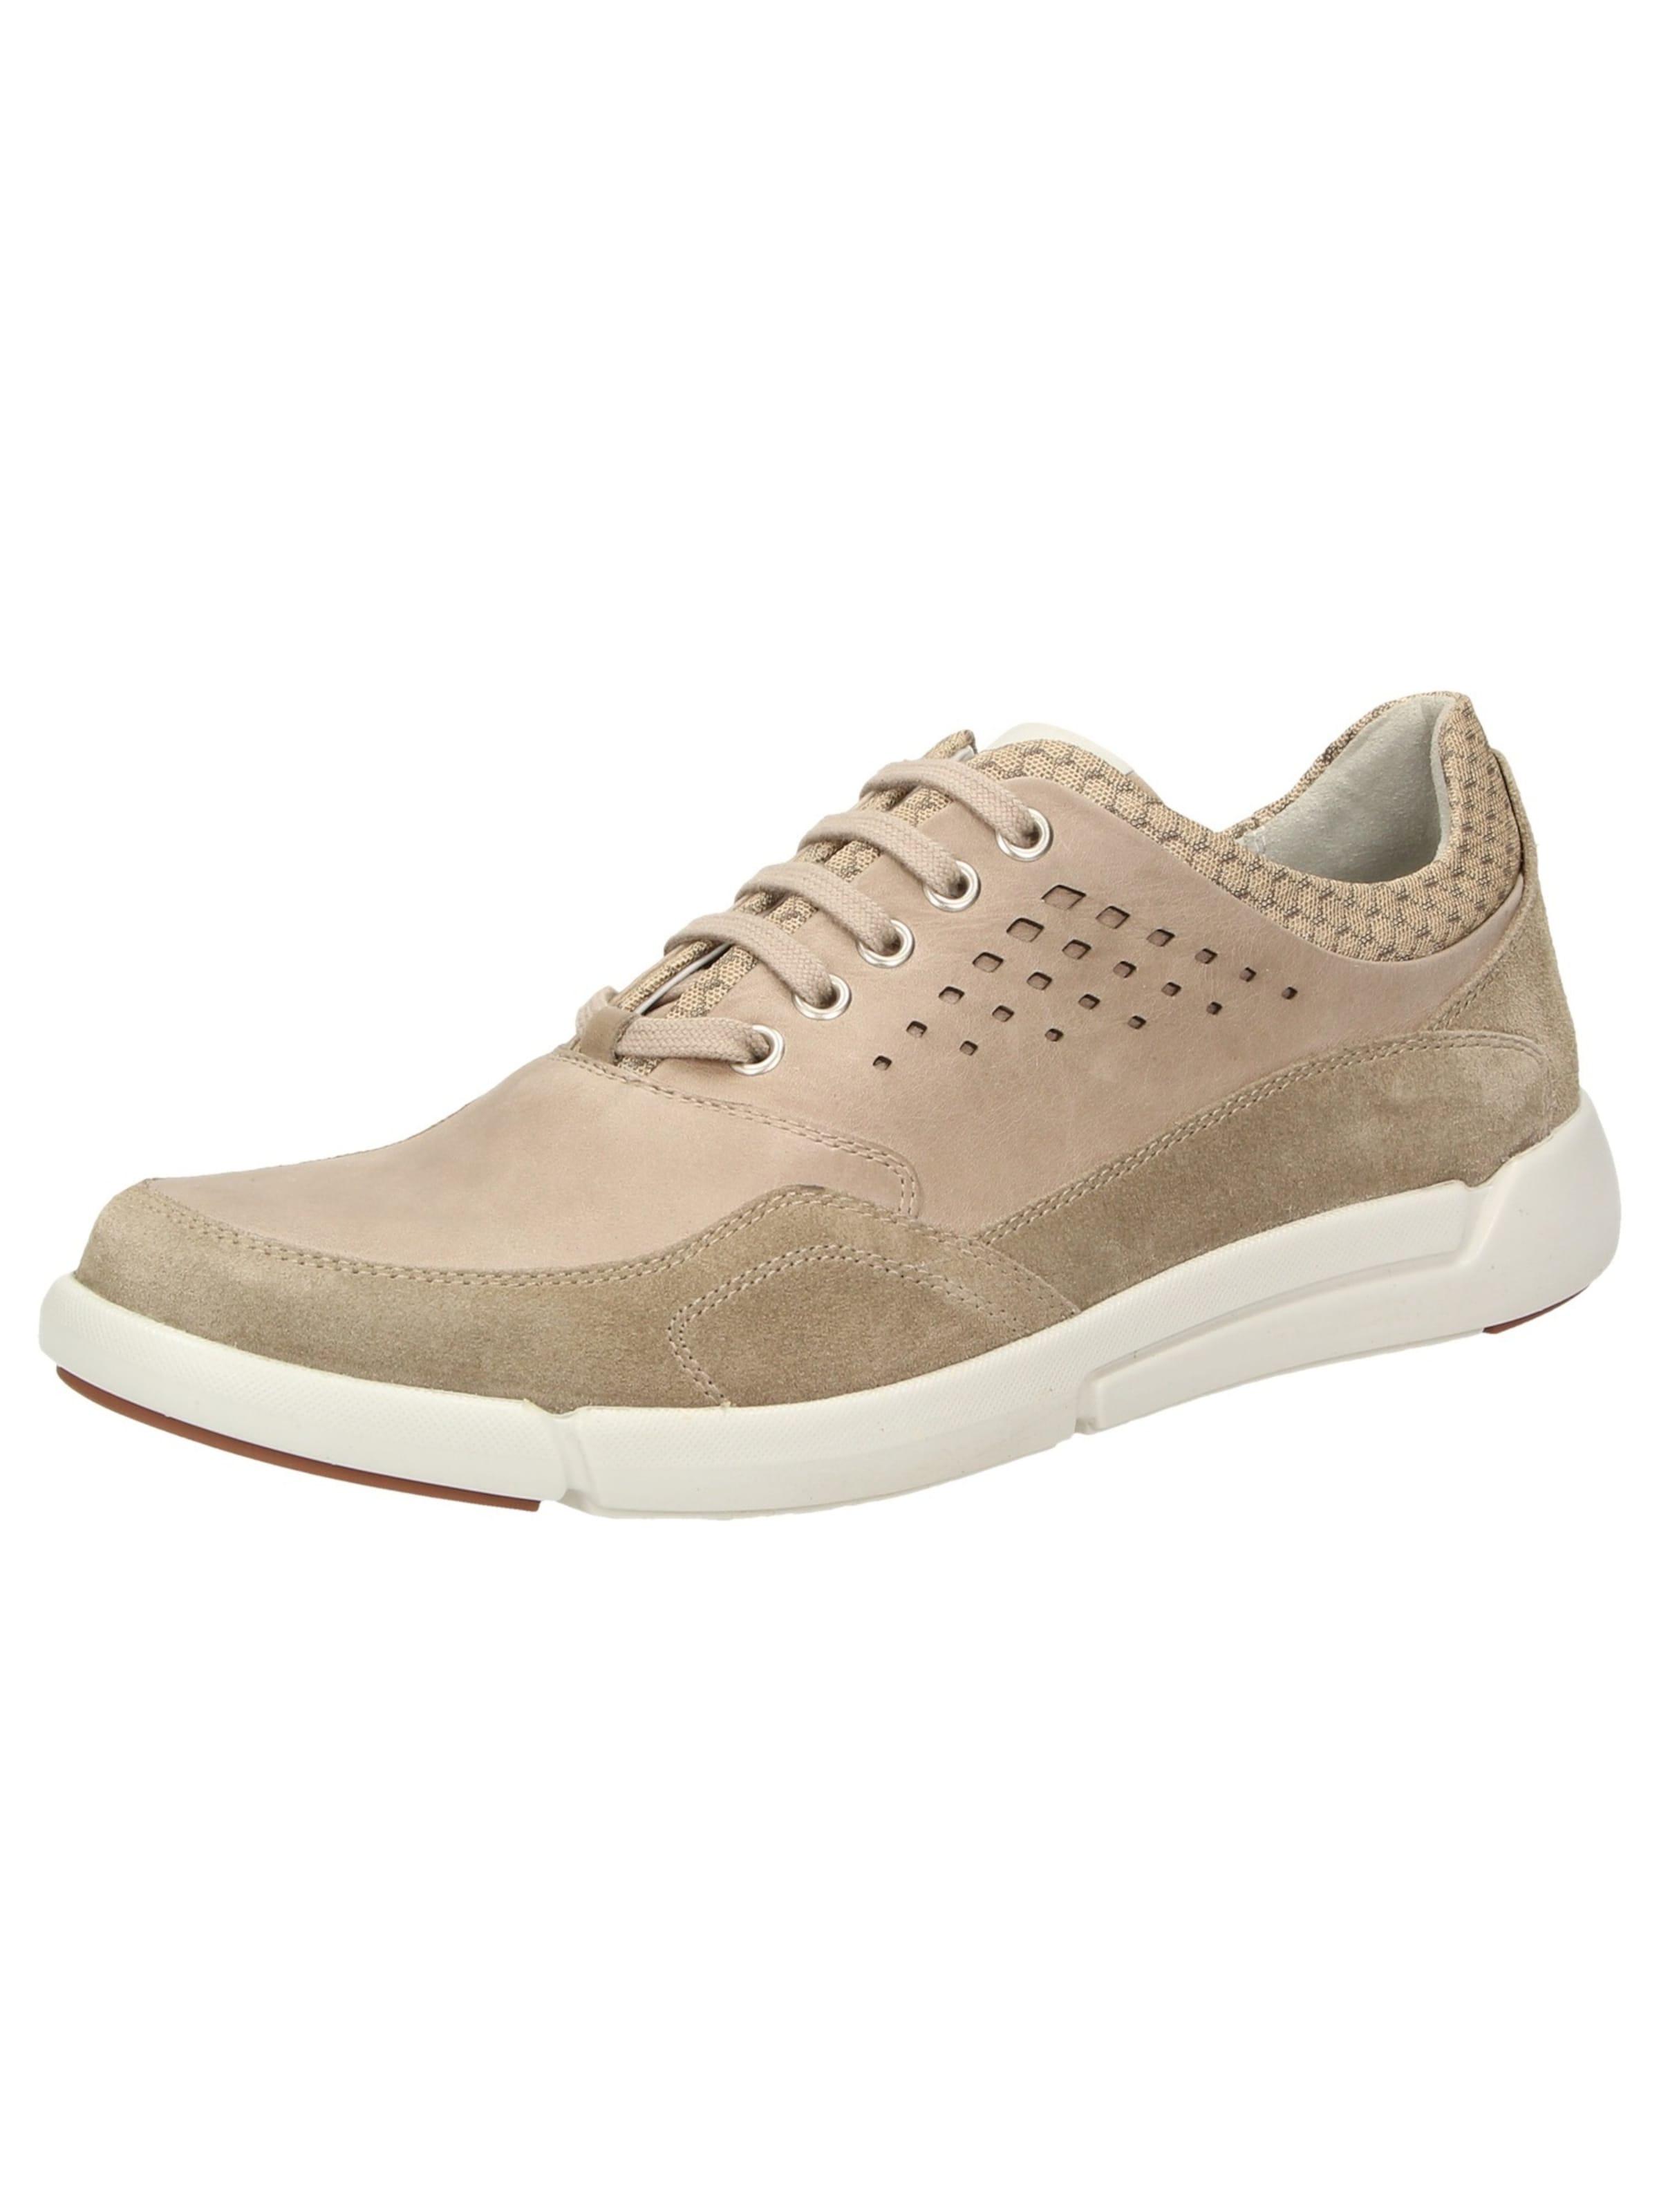 SIOUX Sneaker Verschleißfeste Rumo Verschleißfeste Sneaker billige Schuhe b2325c